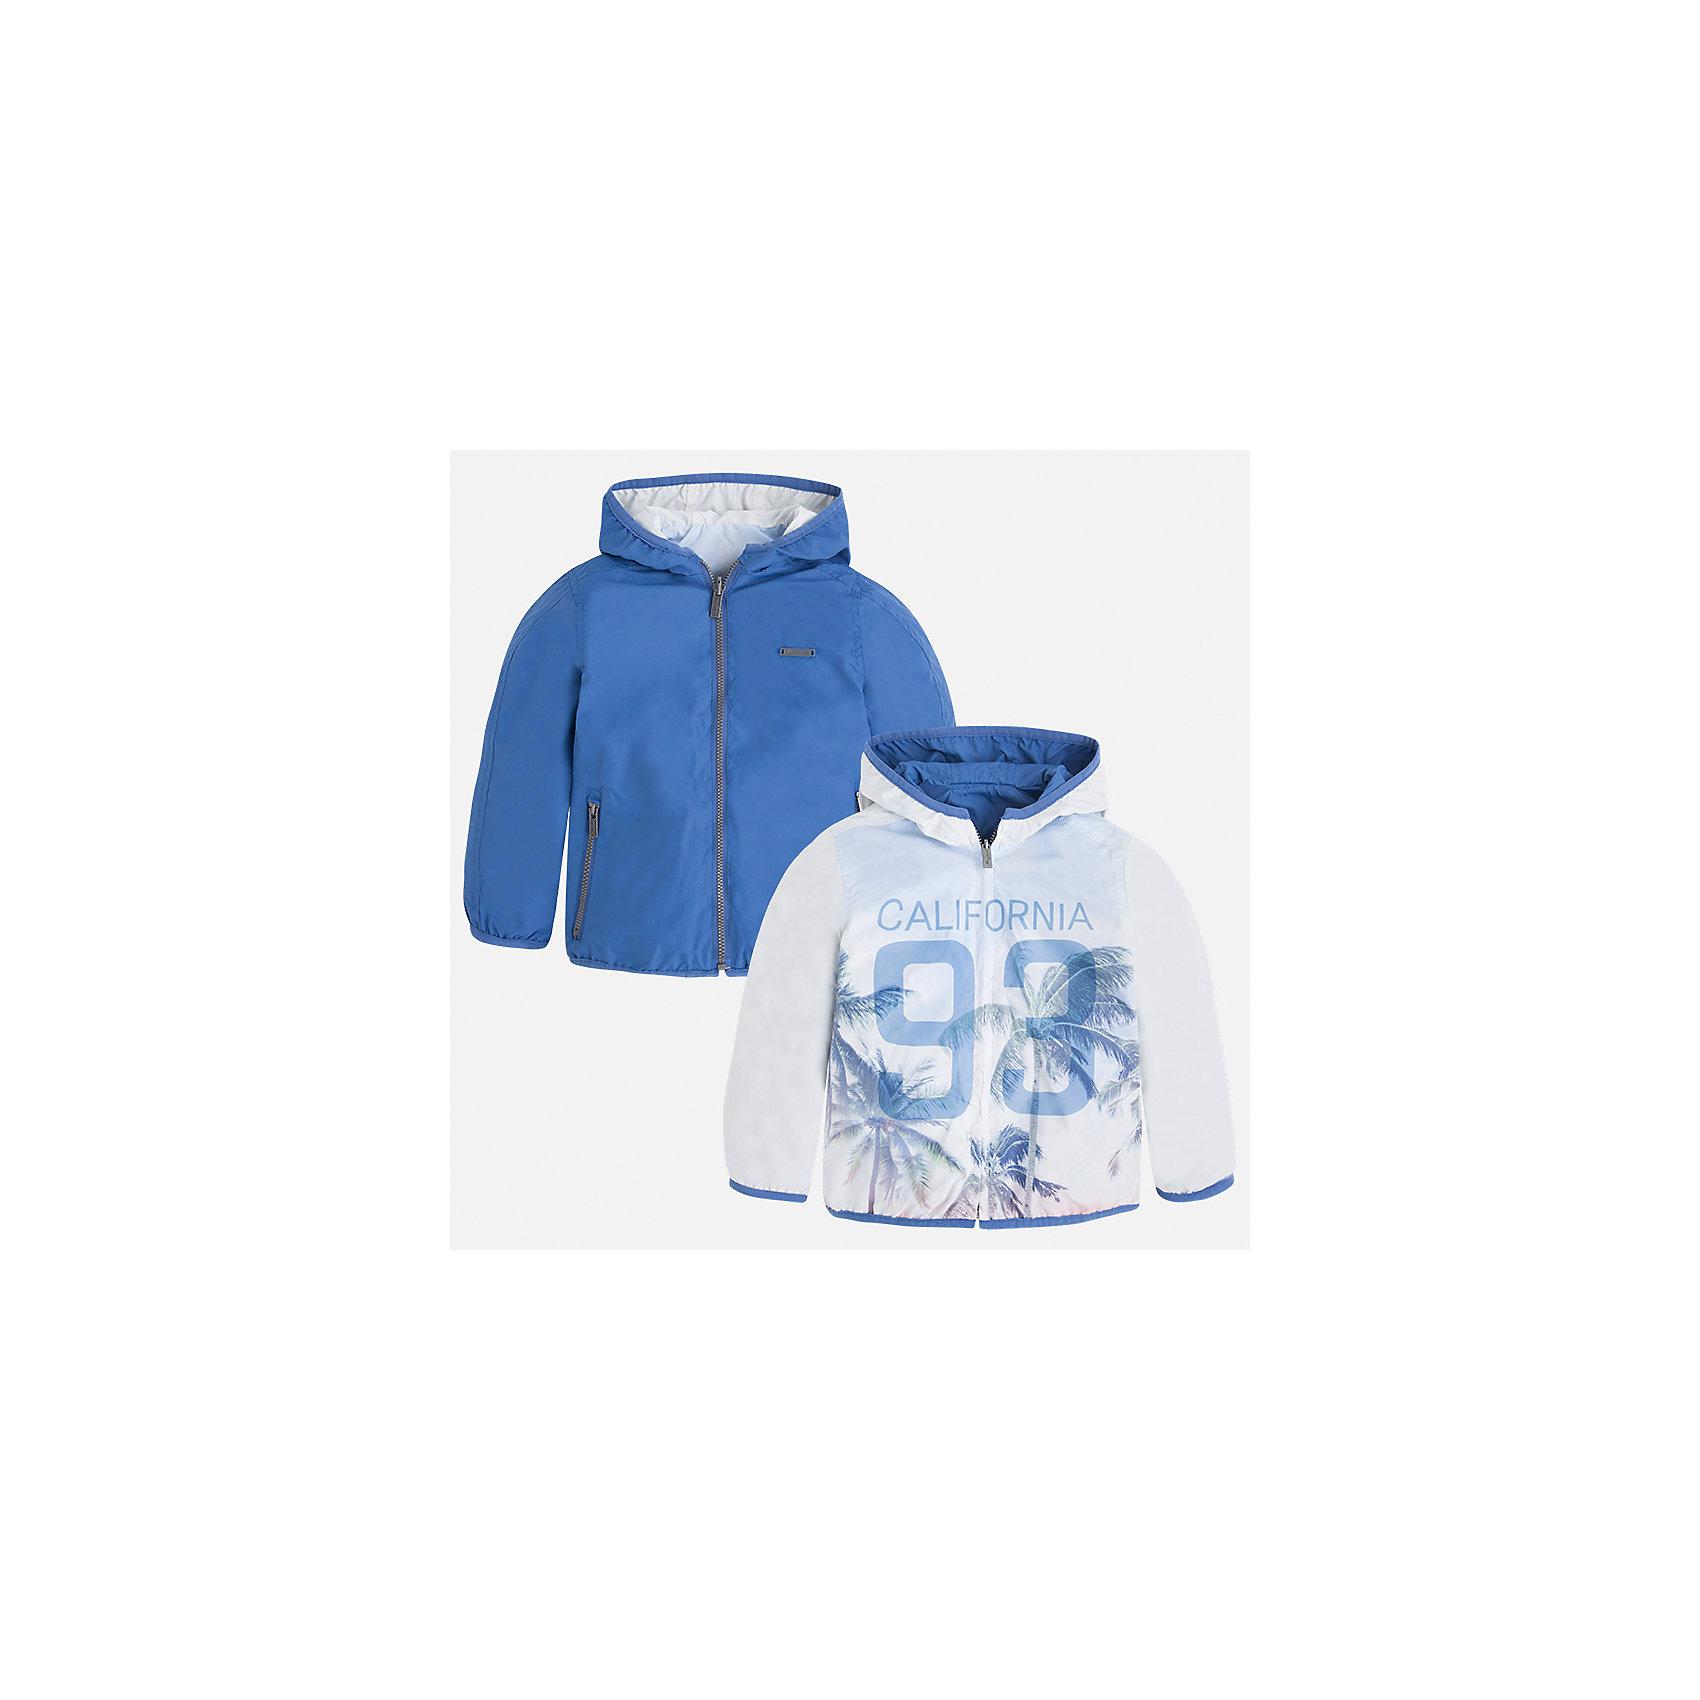 Ветровка двухсторонняя для мальчика MayoralЛови волну<br>Характеристики товара:<br><br>• цвет: белый/голубой<br>• состав: 100% полиэстер, подкладка - 100% полиэстер<br>• температурный режим: от +20° до +10°С<br>• двусторонняя<br>• карманы<br>• молния<br>• капюшон<br>• страна бренда: Испания<br><br>Легкая куртка для мальчика поможет разнообразить гардероб ребенка и обеспечить тепло в прохладную погоду. Эта ветровка - два в одном: стоит её вывернуть - и появляется еще одна курточка другой расцветки. Она отлично сочетается и с джинсами, и с брюками. Универсальный цвет позволяет подобрать к вещи низ различных расцветок. Интересная отделка модели делает её нарядной и оригинальной. <br><br>Одежда, обувь и аксессуары от испанского бренда Mayoral полюбились детям и взрослым по всему миру. Модели этой марки - стильные и удобные. Для их производства используются только безопасные, качественные материалы и фурнитура. Порадуйте ребенка модными и красивыми вещами от Mayoral! <br><br>Ветровку для мальчика от испанского бренда Mayoral (Майорал) можно купить в нашем интернет-магазине.<br><br>Ширина мм: 356<br>Глубина мм: 10<br>Высота мм: 245<br>Вес г: 519<br>Цвет: голубой<br>Возраст от месяцев: 84<br>Возраст до месяцев: 96<br>Пол: Мужской<br>Возраст: Детский<br>Размер: 128,92,98,104,110,122,134,116<br>SKU: 5280729